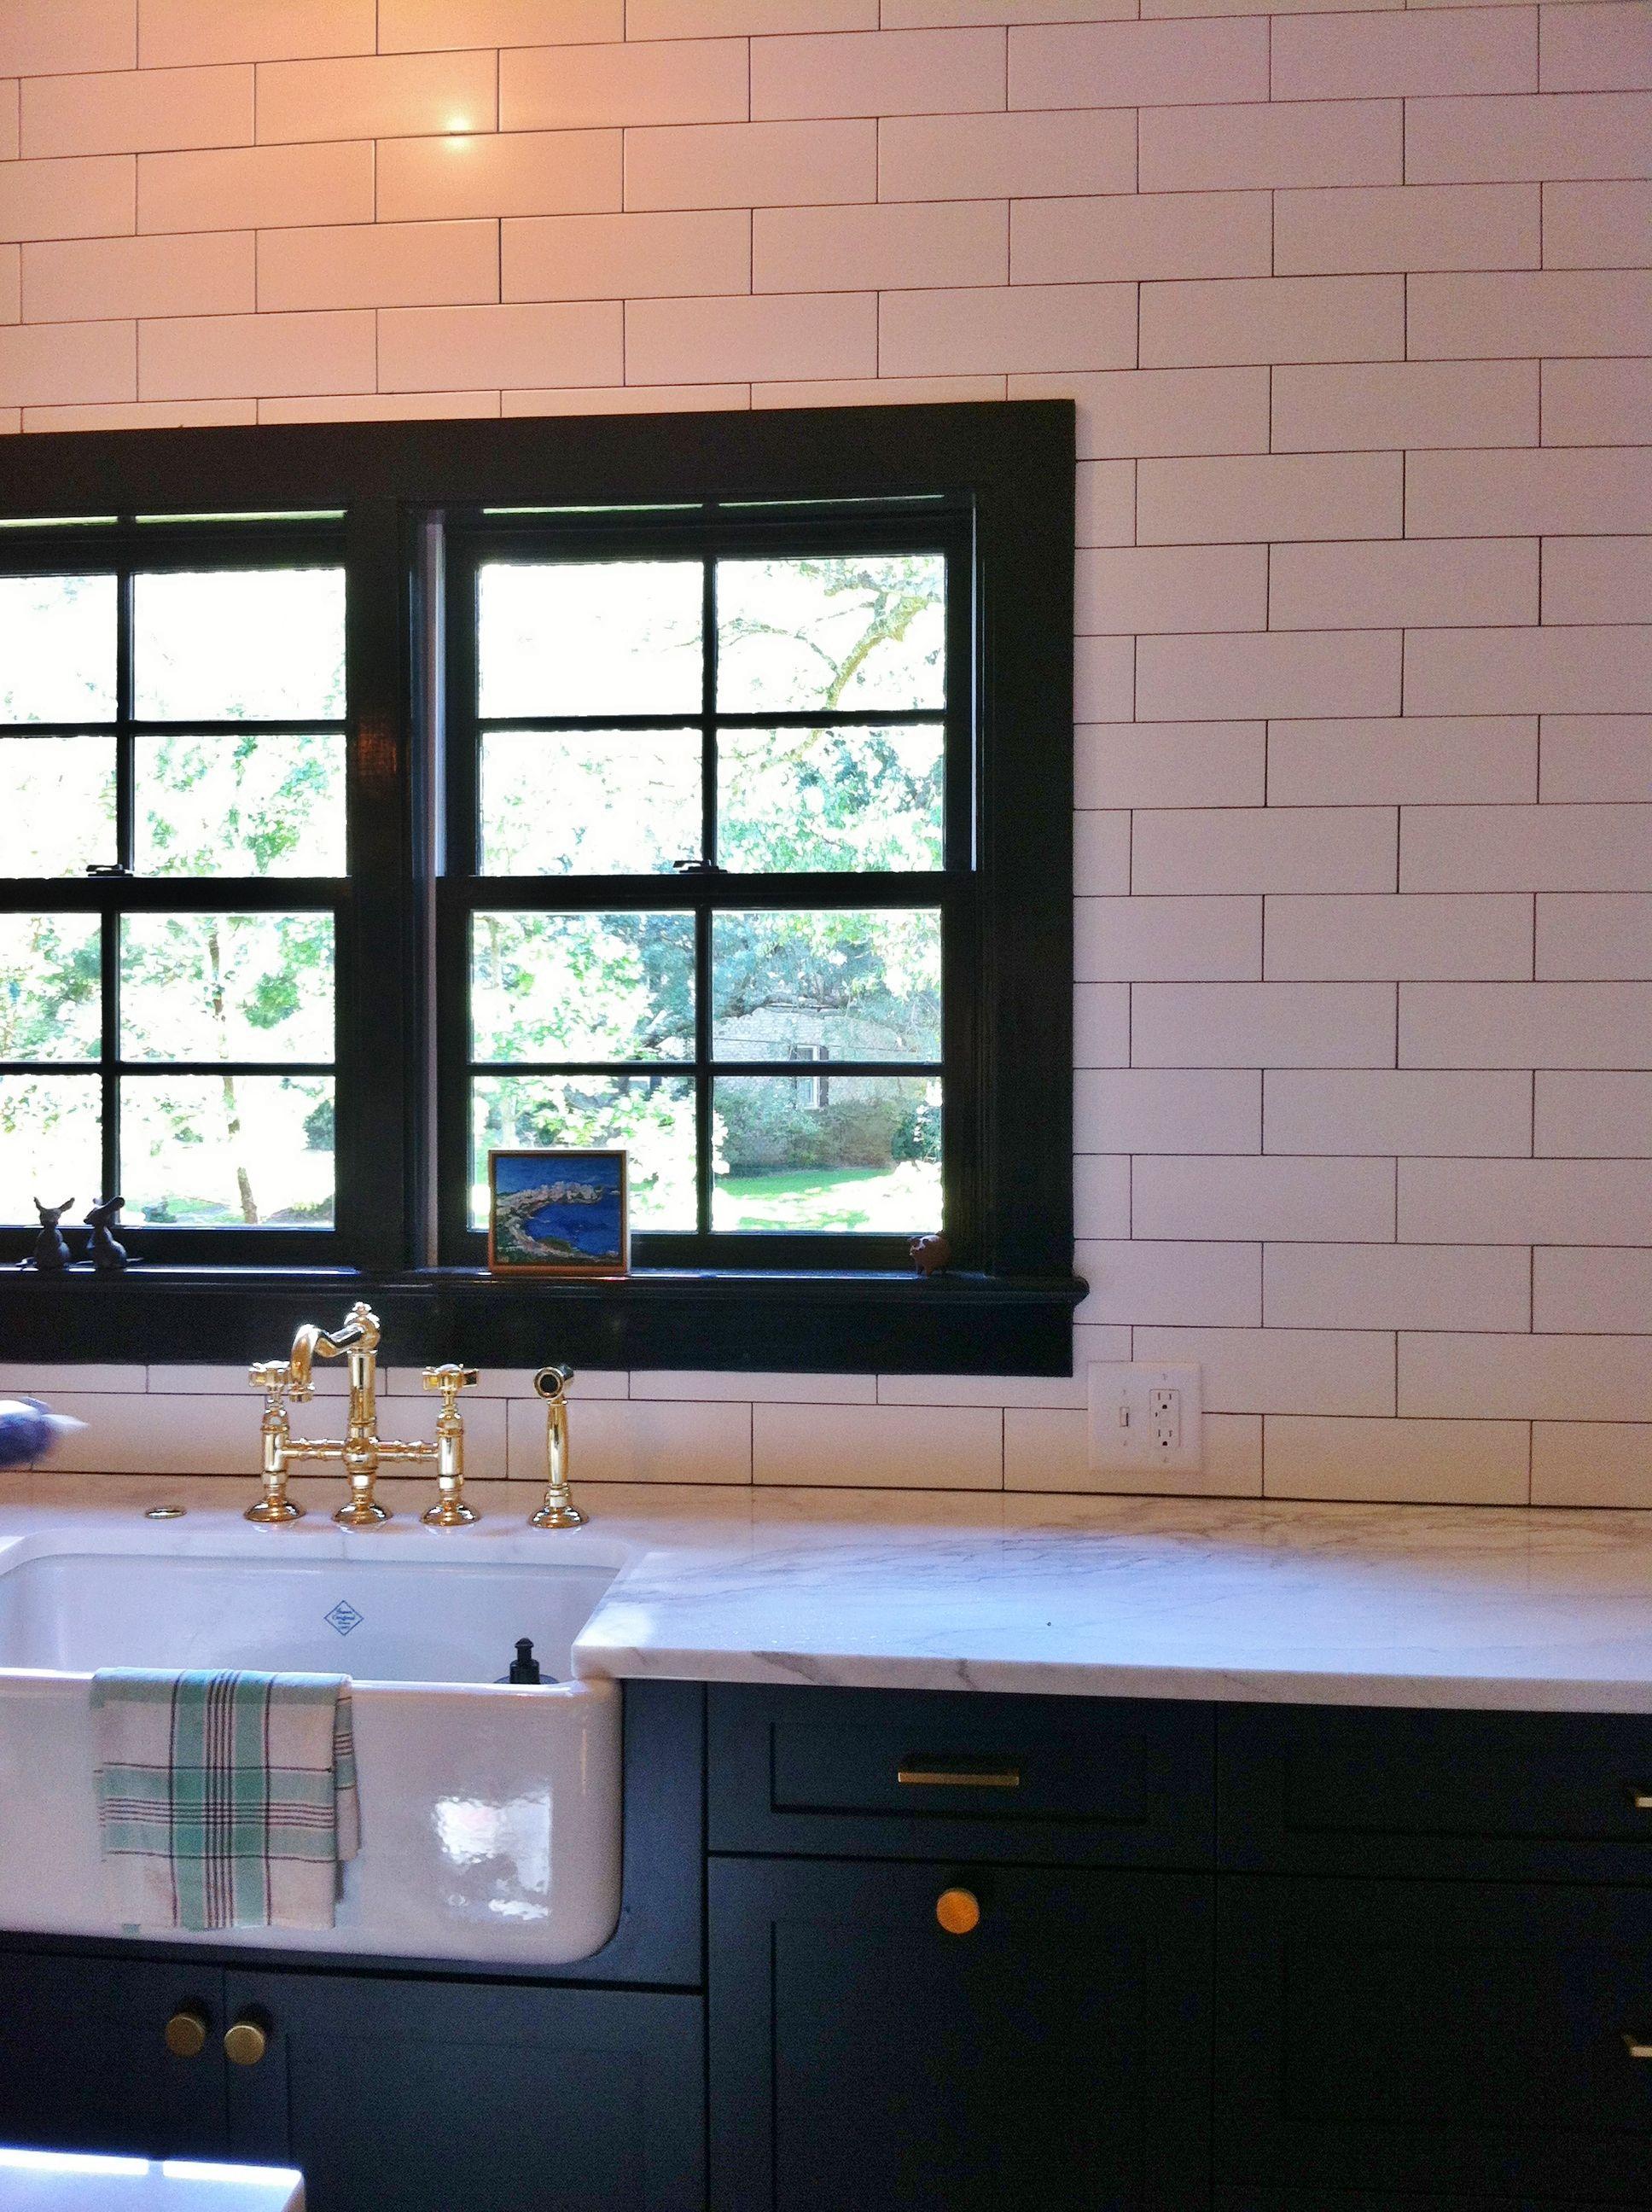 - Ice White Subway Tile 4x8 Used On This Kitchen Backsplash On James